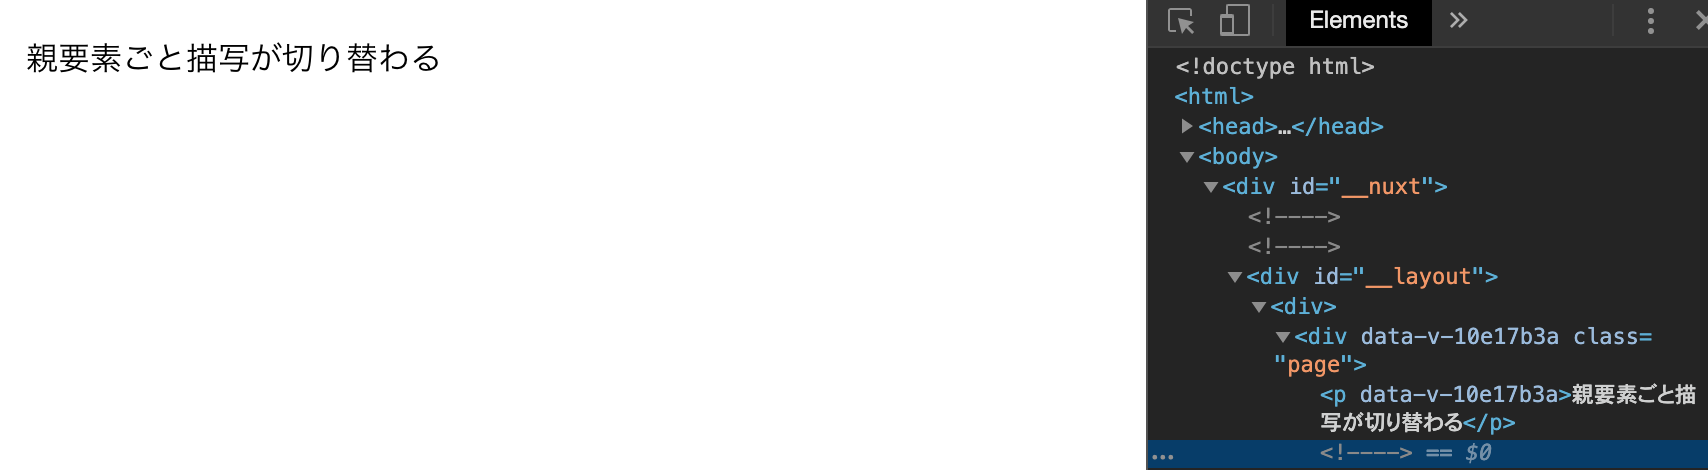 スクリーンショット 2020-05-26 17.17.01.png